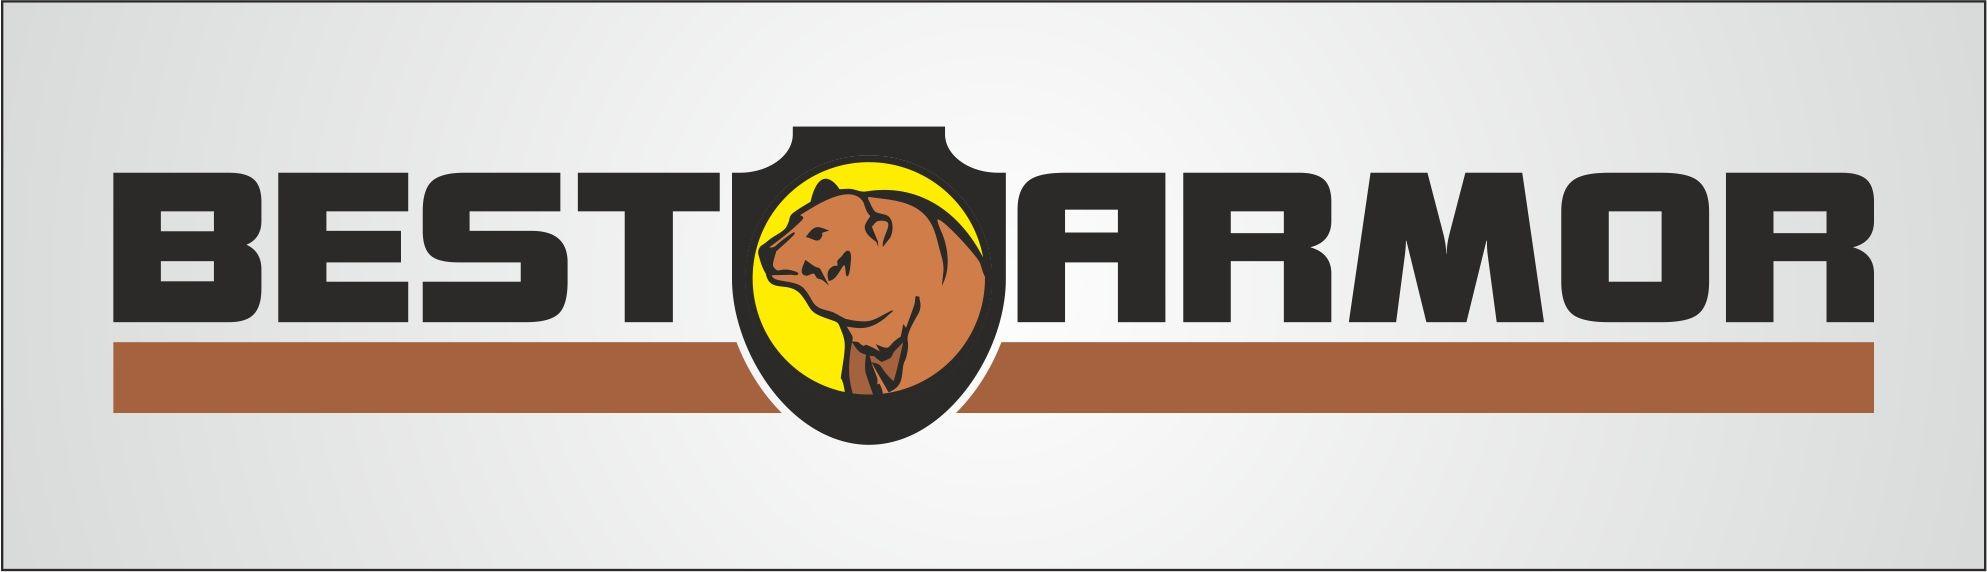 Логотип для интернет-магазина спортивной одежды - дизайнер graphin4ik